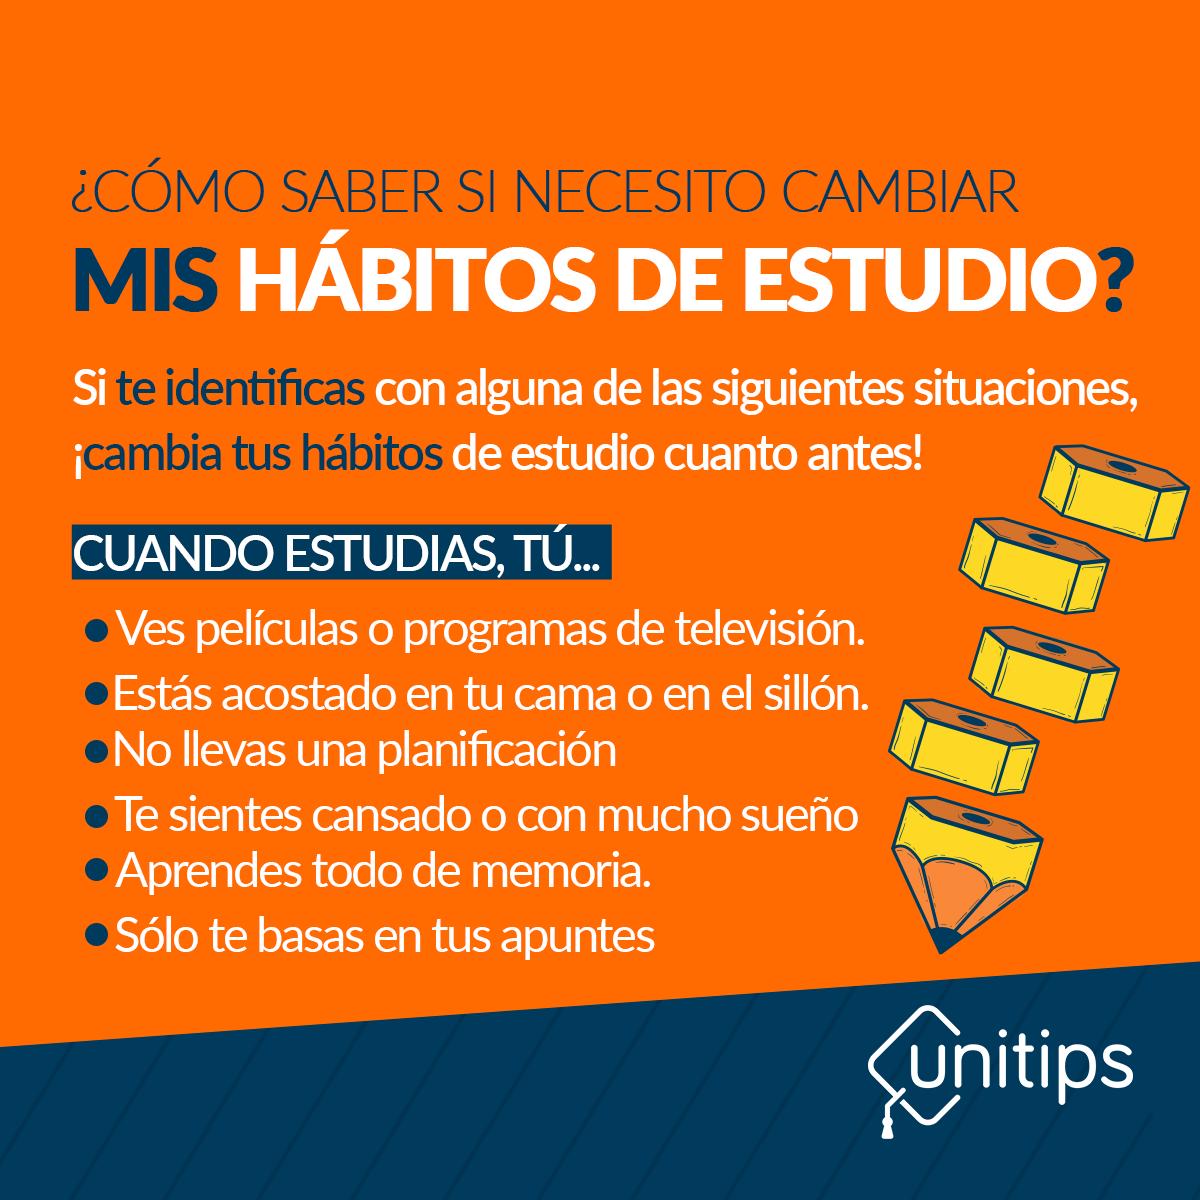 HabitosEstudio_IN